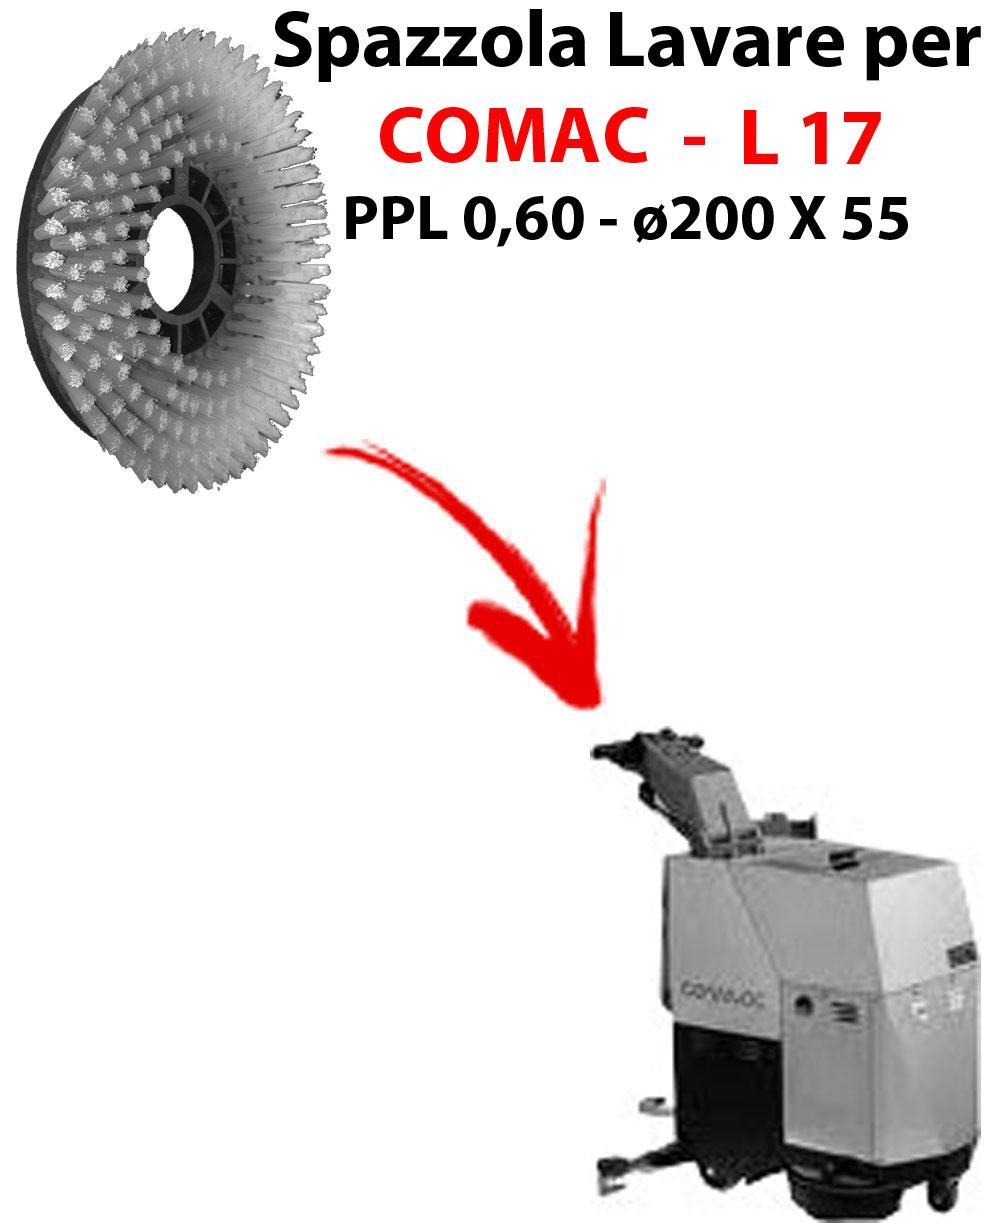 BROSSE A LAVER pour autolaveuses COMAC L 17 . Reference: PPL 0,6 - diamétre 200 X 55 mm -  SPECIAL BRUSH L17